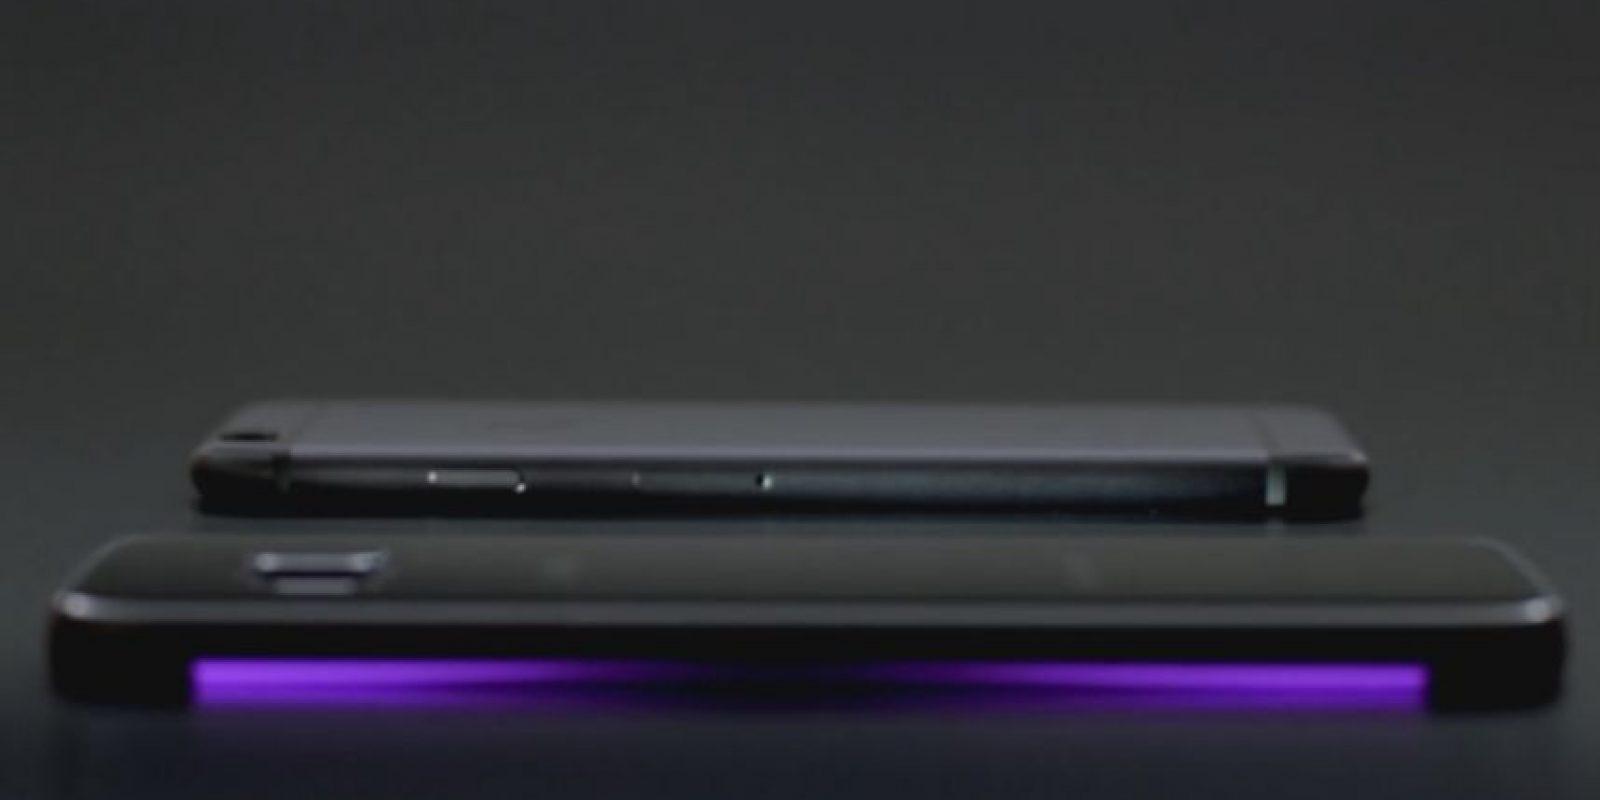 También tiene una luz LED y el iPhone 6 no posee esa cualidad. Foto:Samsung